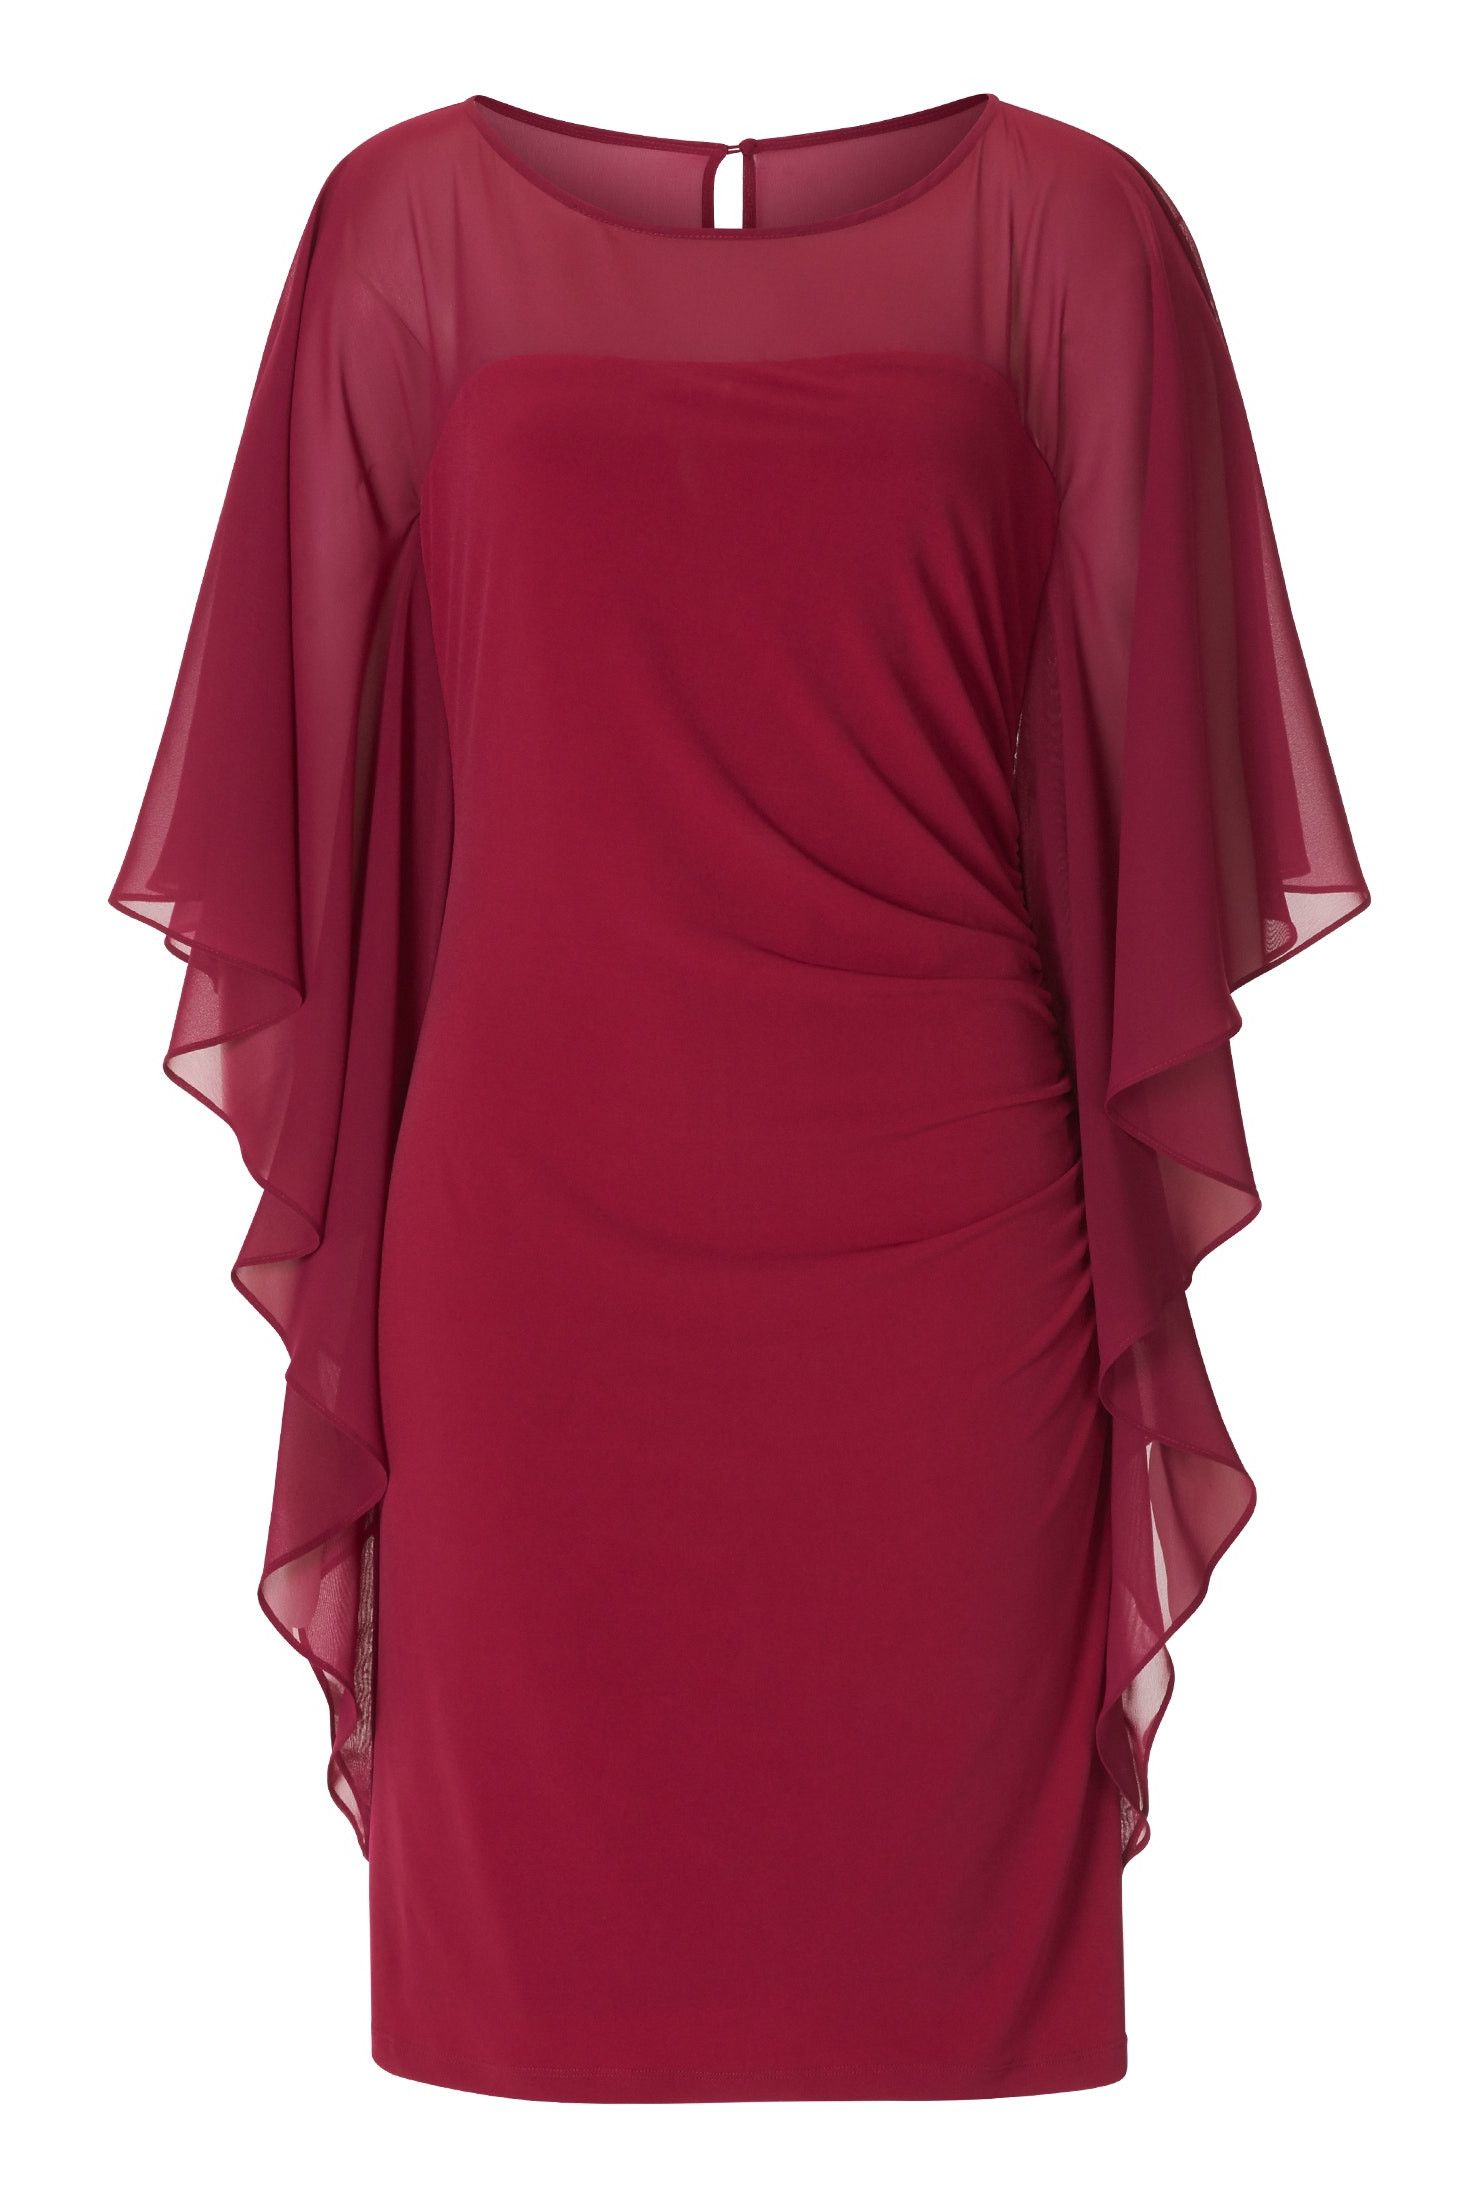 Brautmutter Kleider wie dieses rote Fledermauskleid für ...